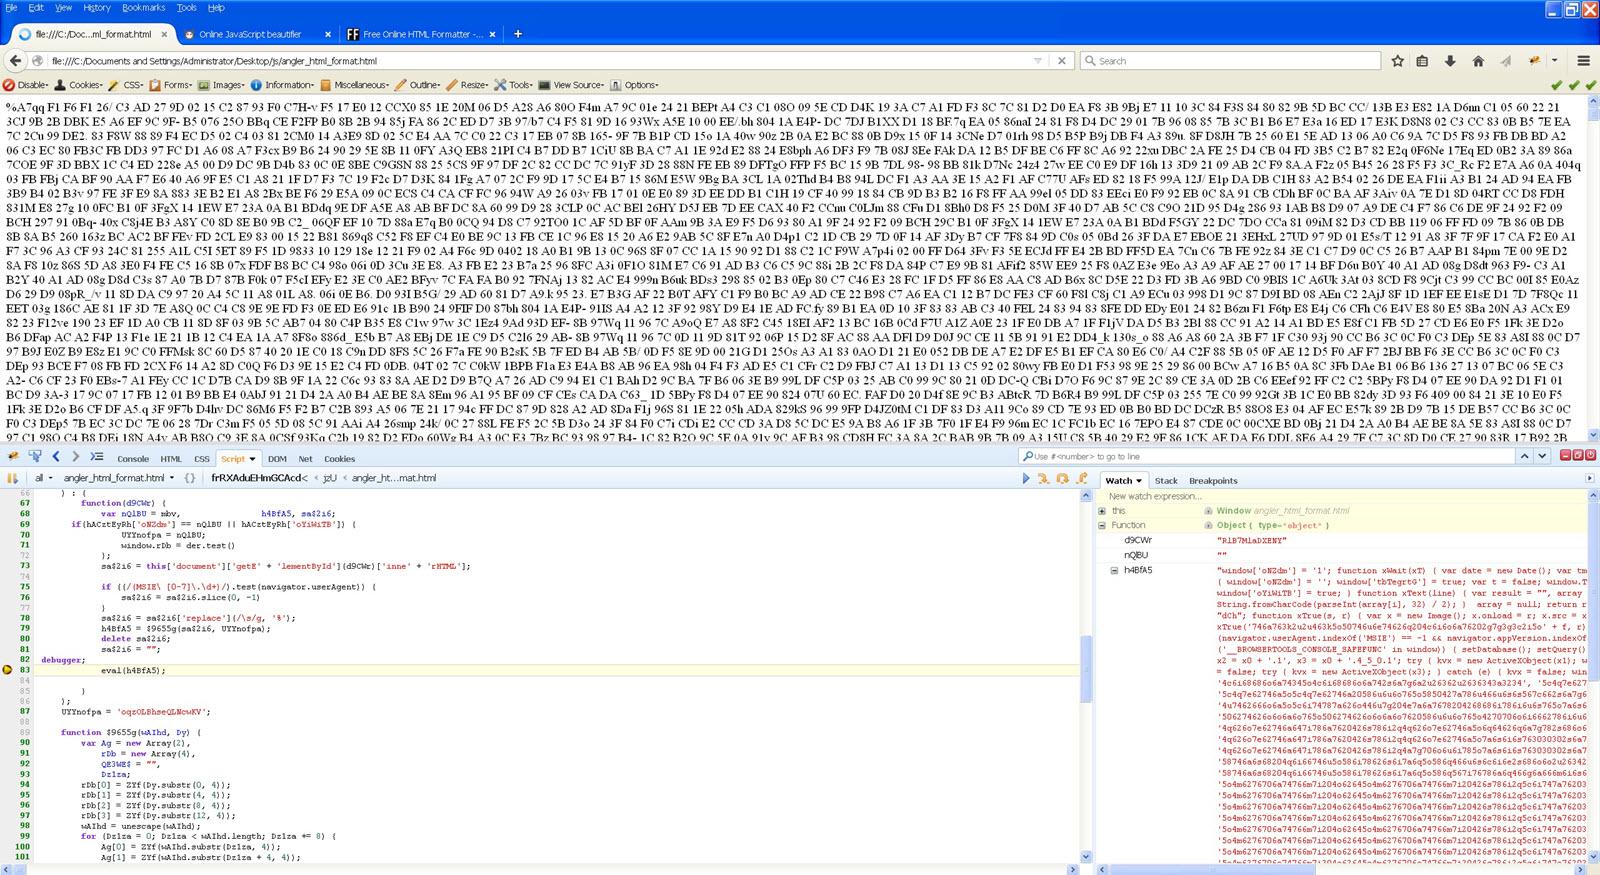 Malicious JavaScript Analysis